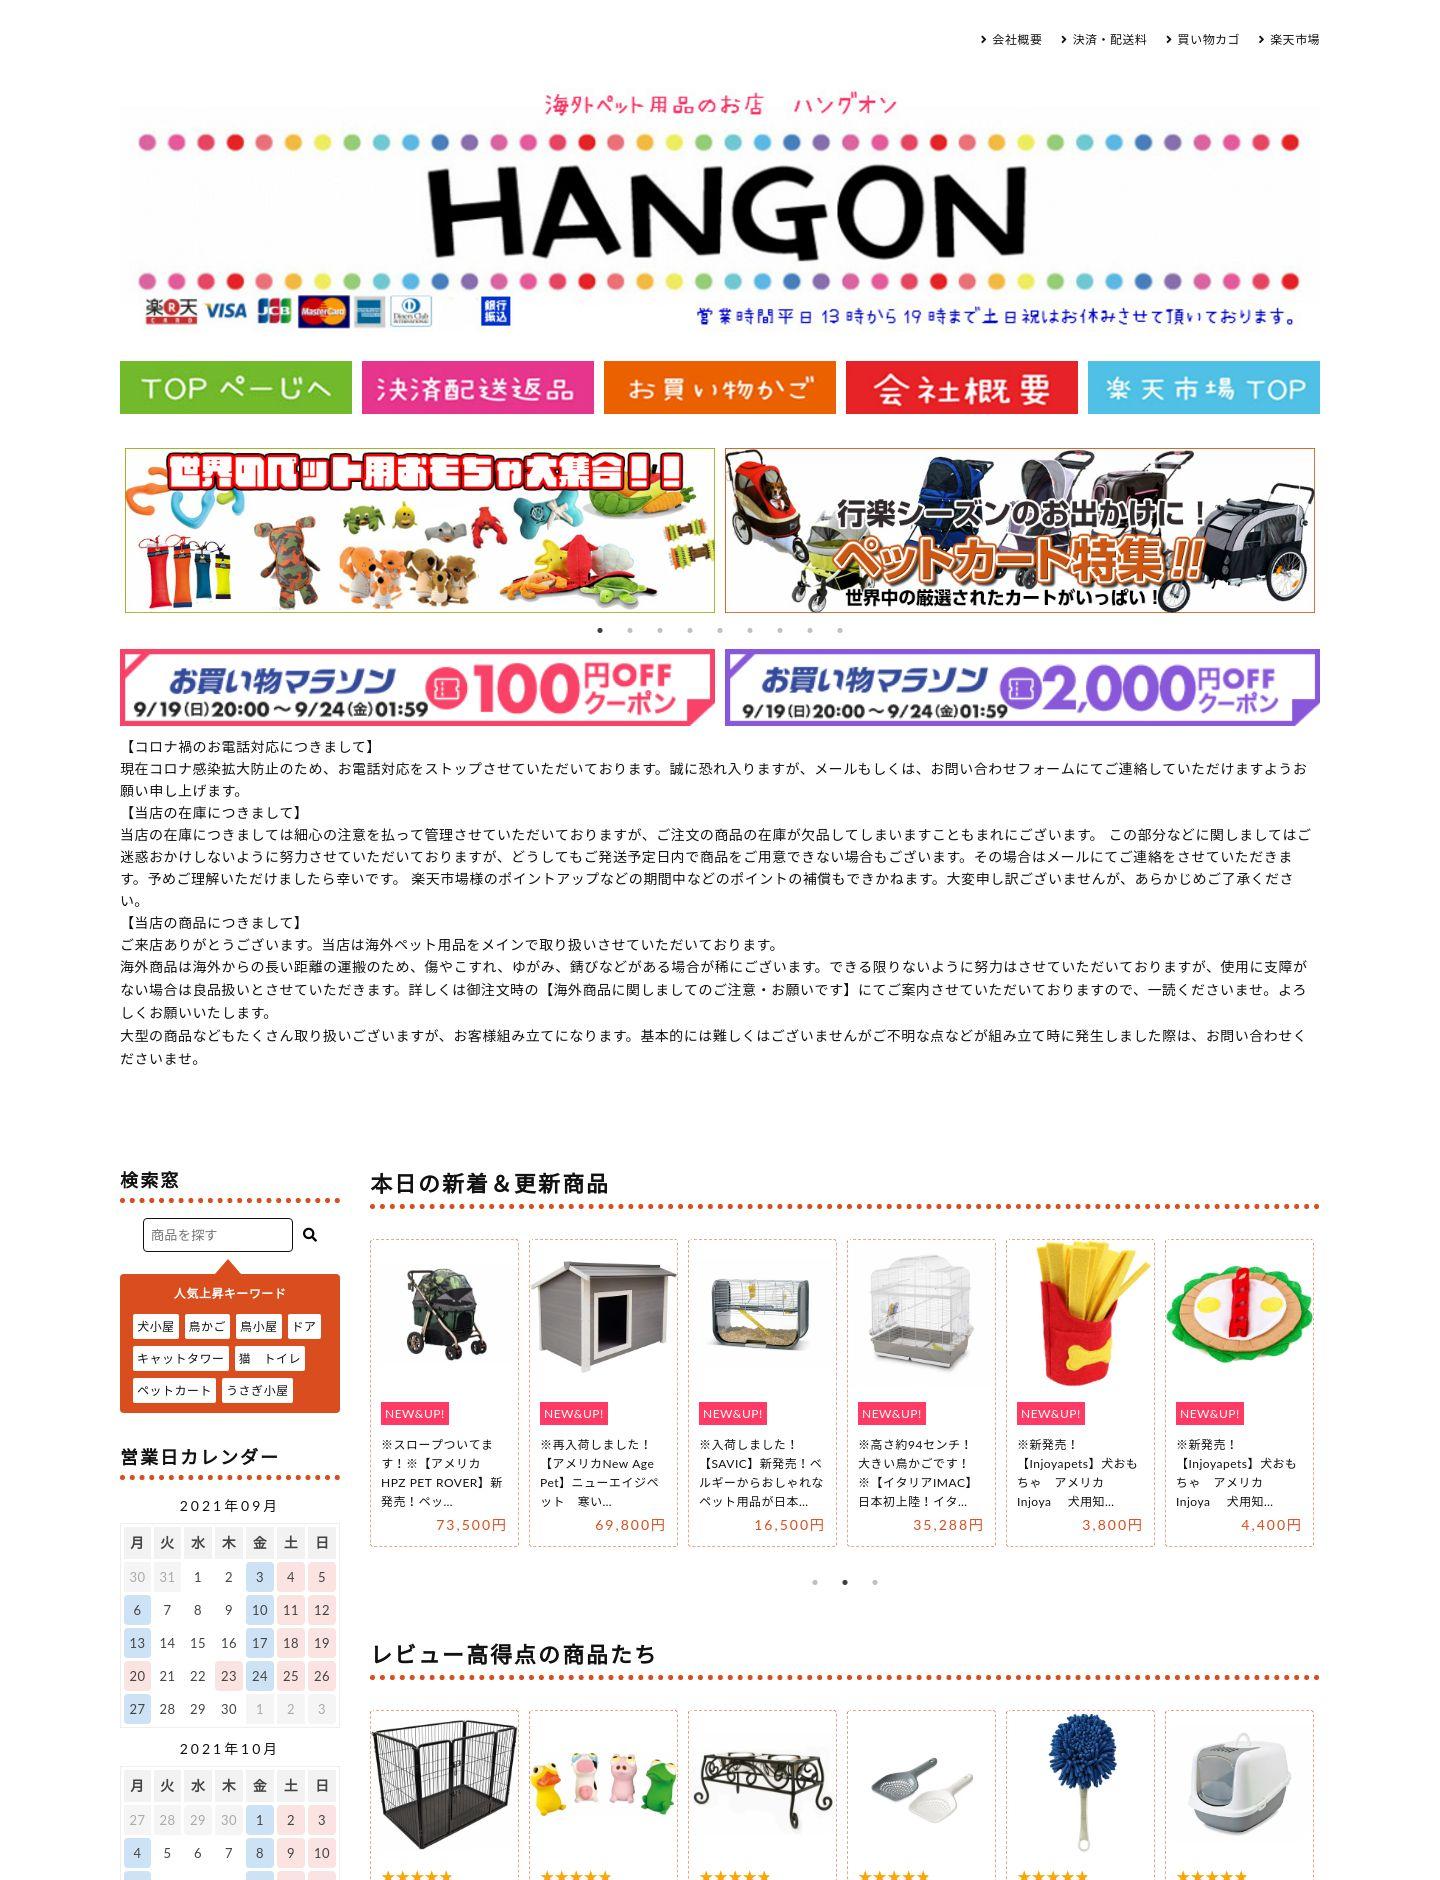 HANGON様 サイト画像